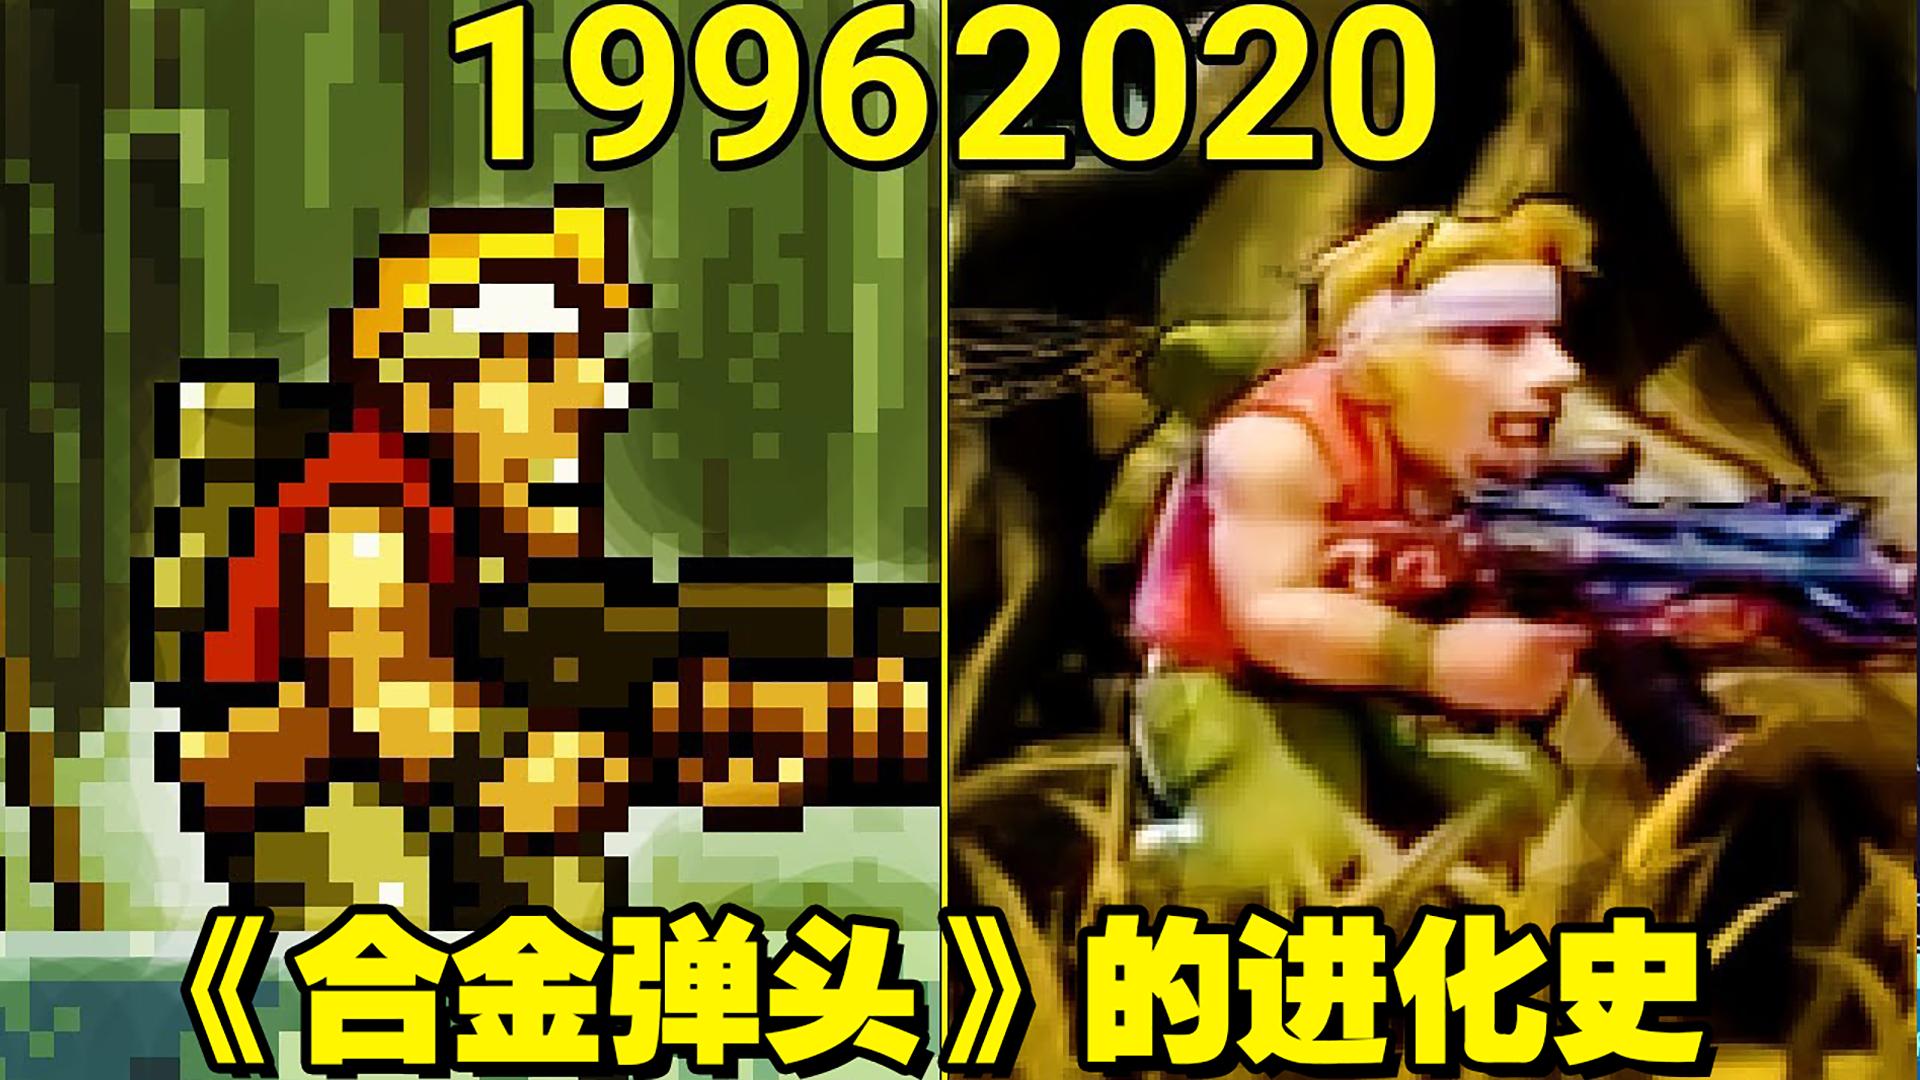 1996—2020年:经典游戏《合金弹头》的进化史!